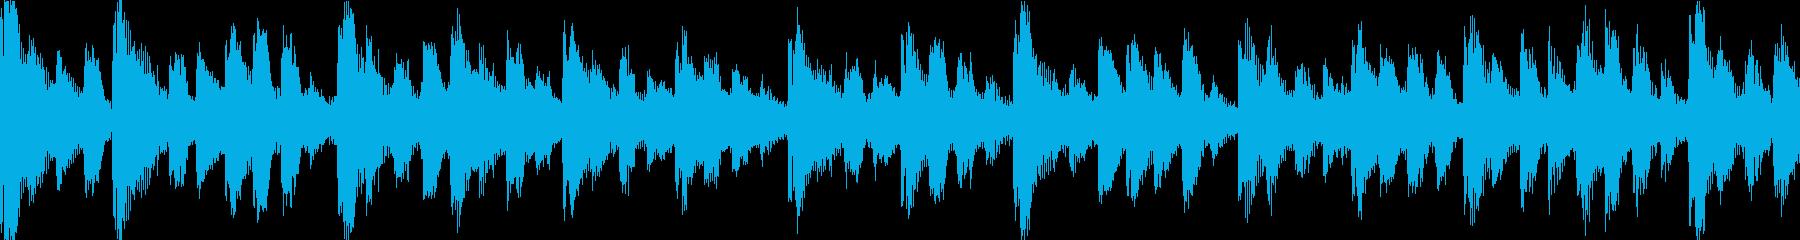 【ループF】かわいい感じのゆるやかテクノの再生済みの波形